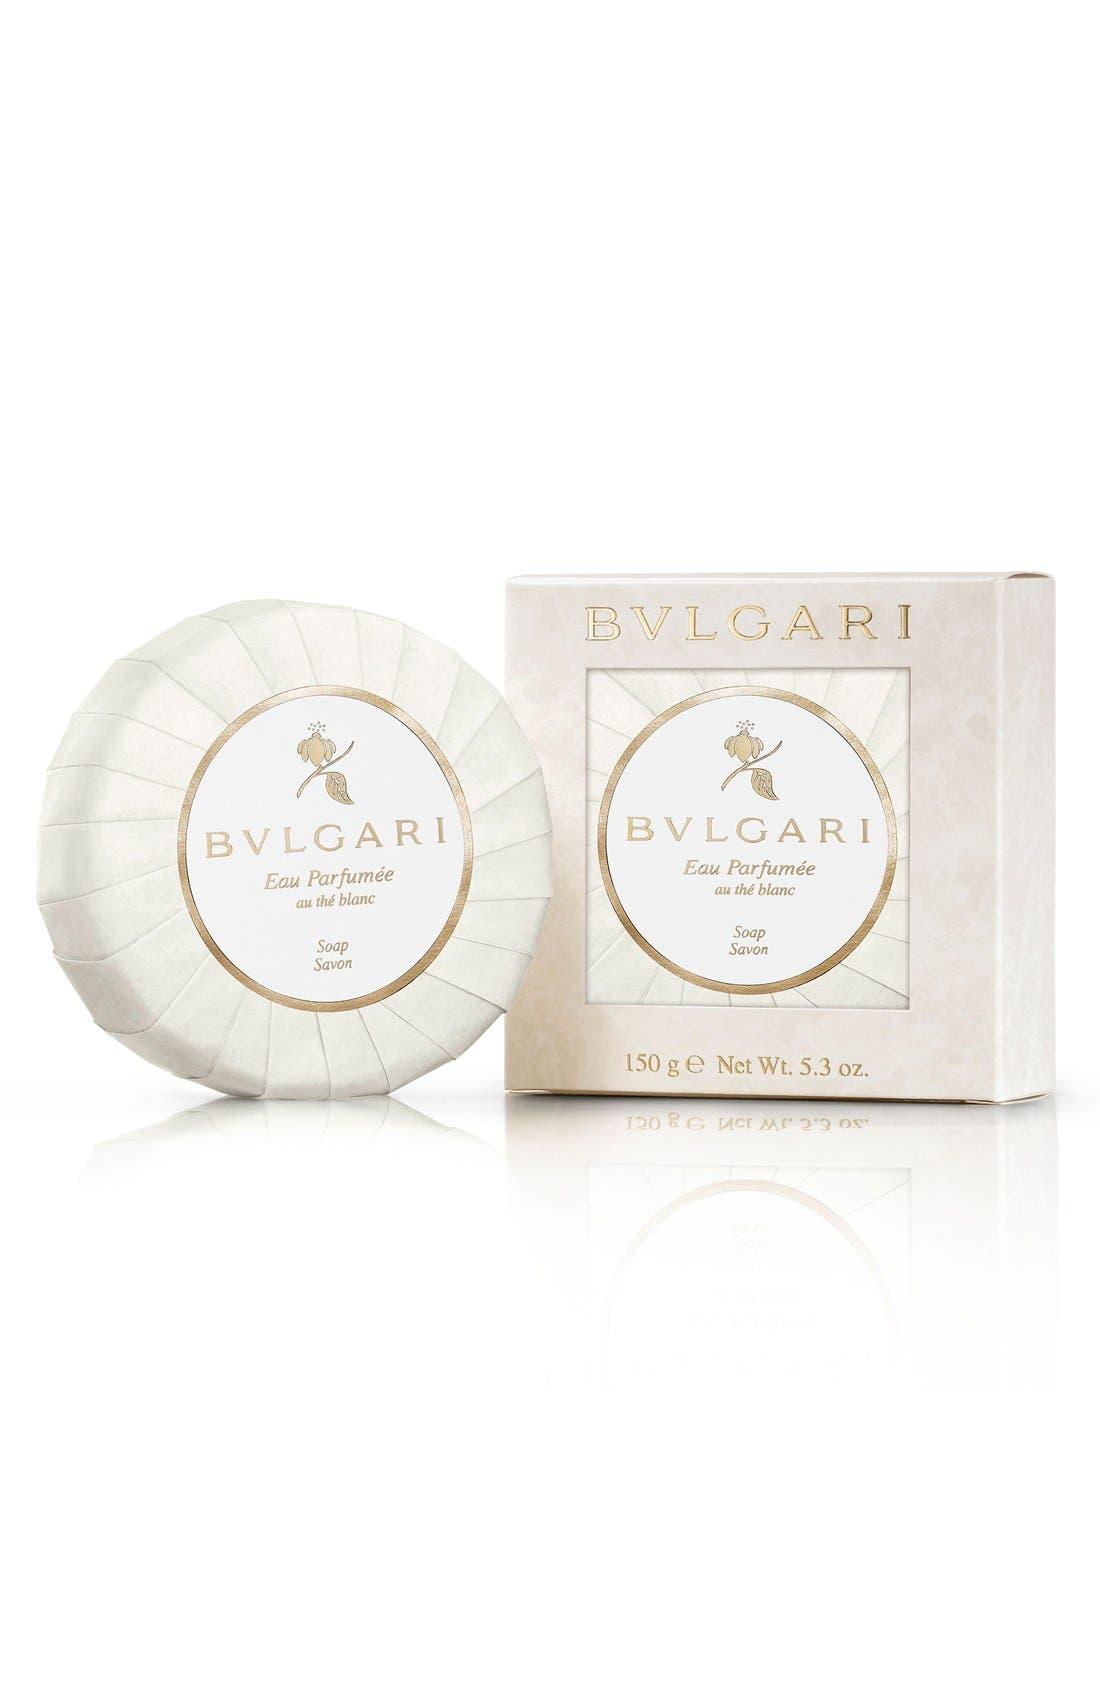 BVLGARI 'Eau Parfumée - au thé blanc' Deluxe Soap